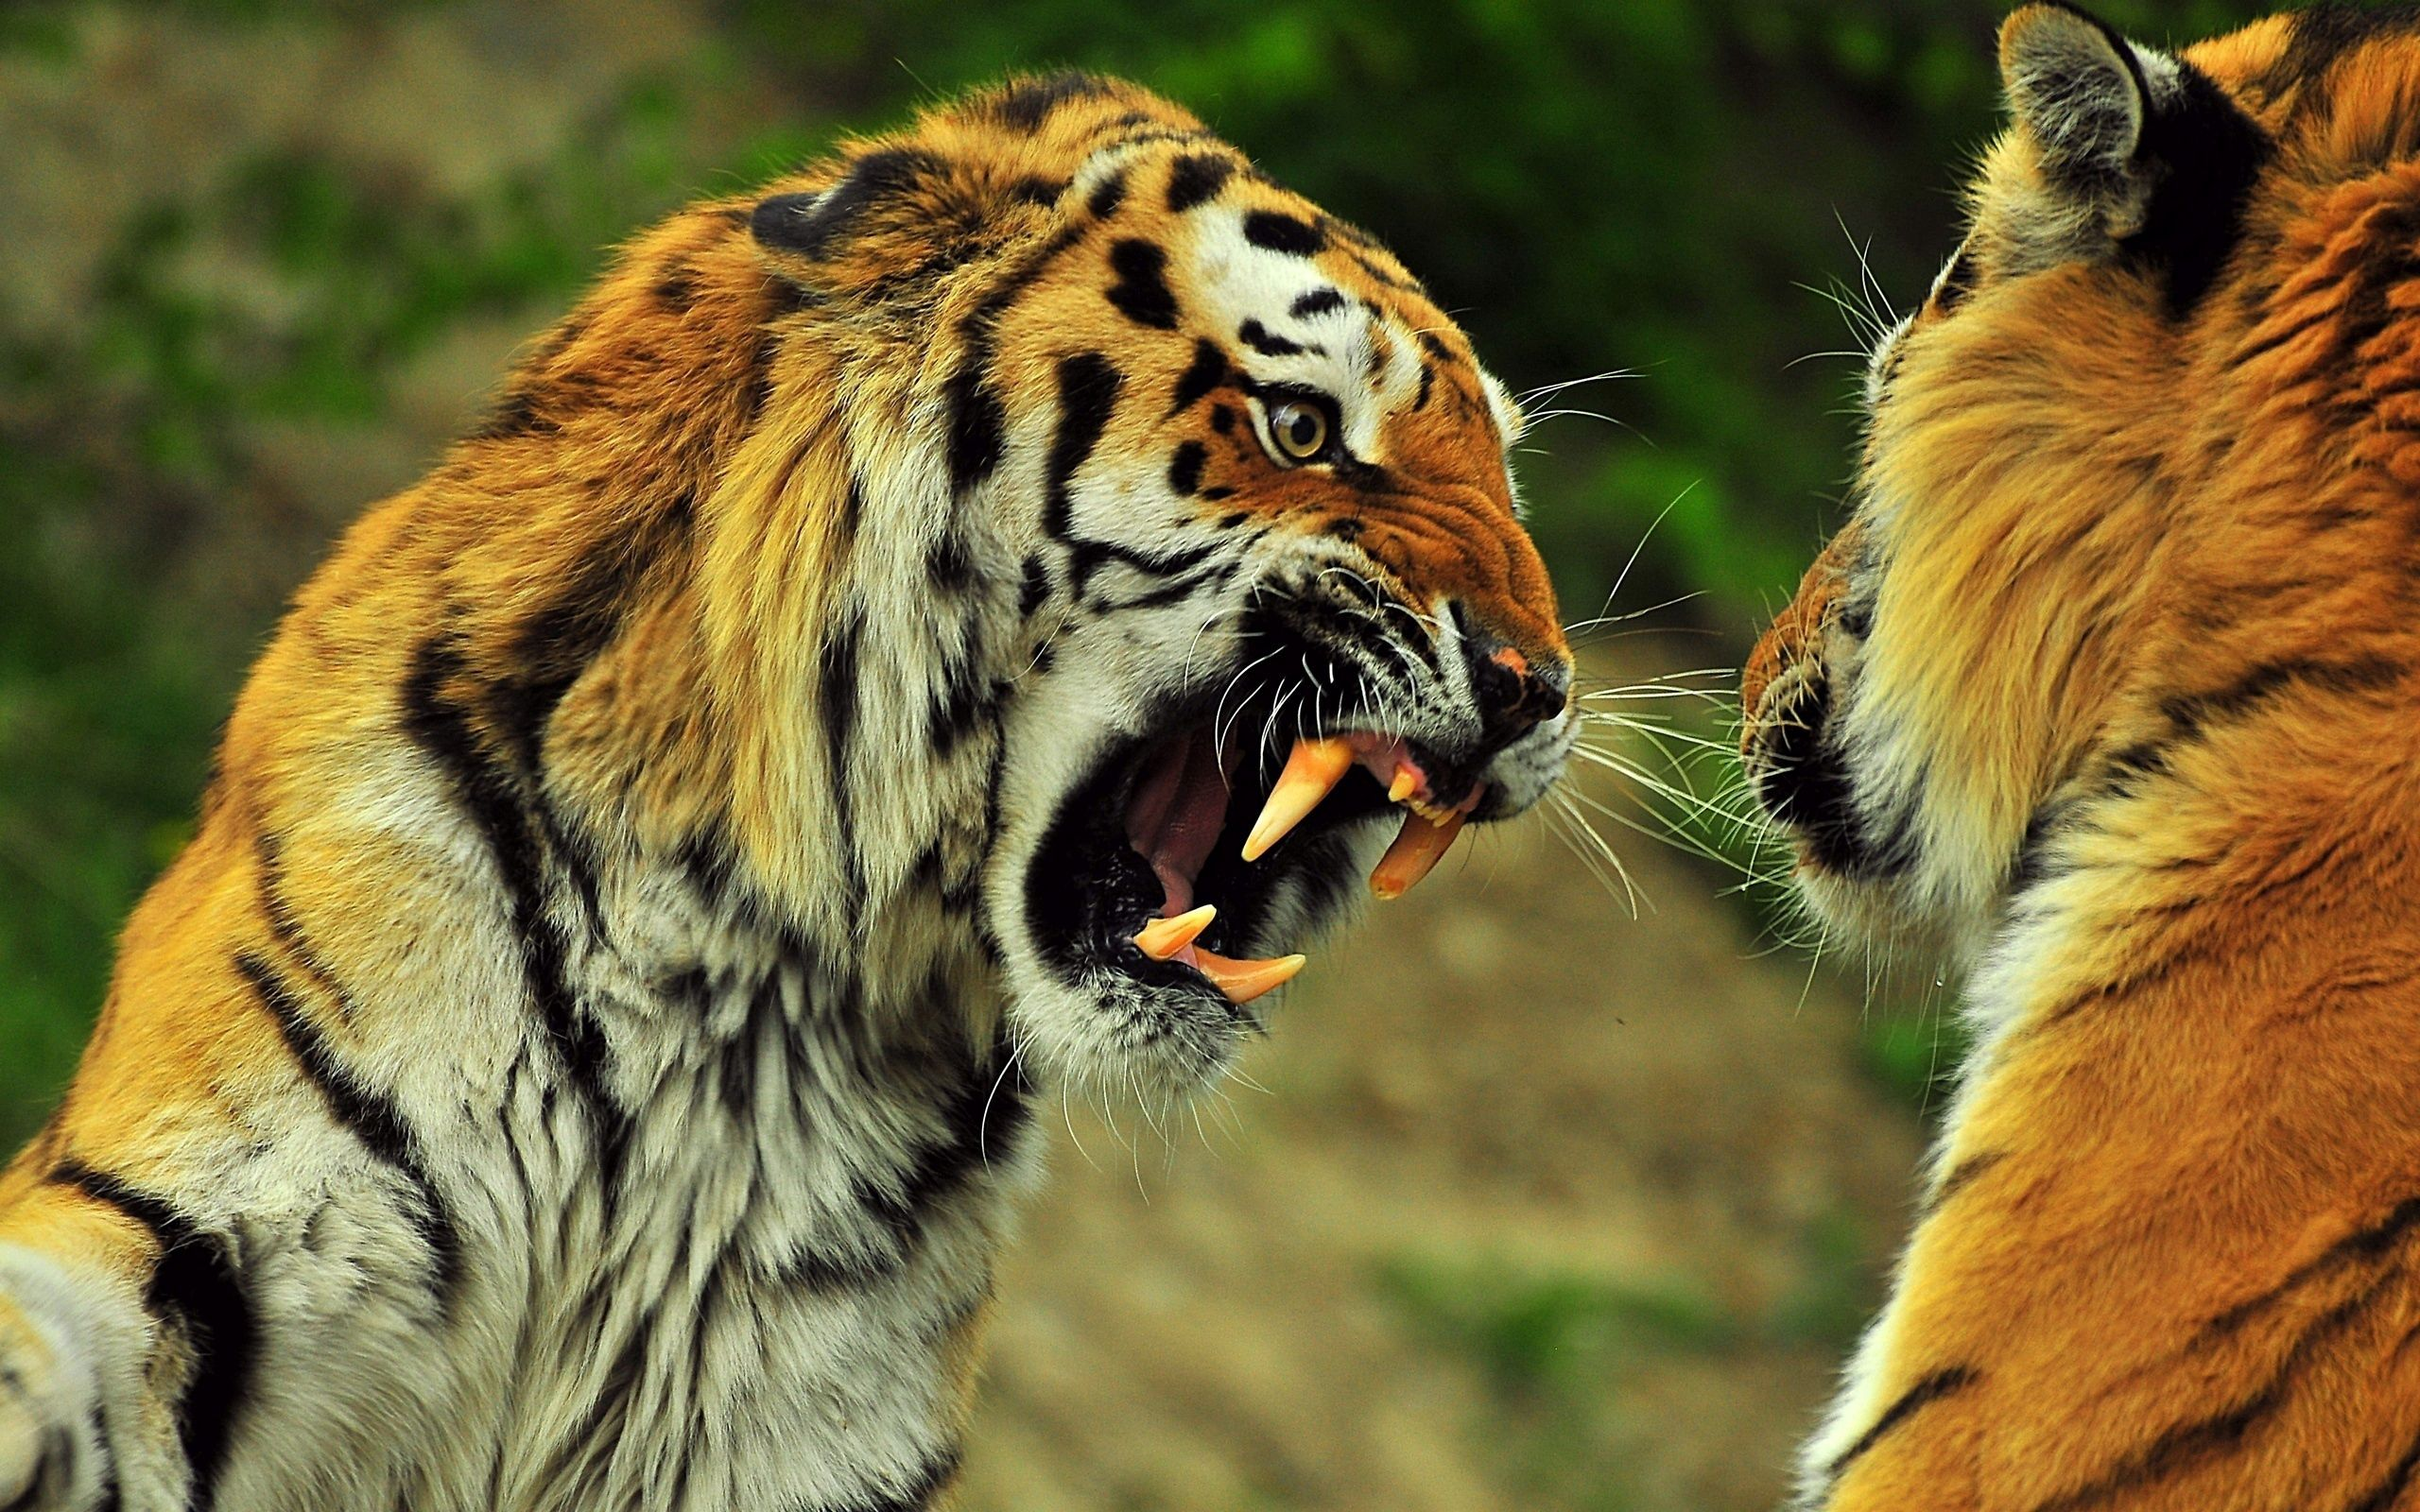 101782 Hintergrundbild herunterladen Tiere, Tigers, Grinsen, Grin, Paar, Kampf, Zorn, Wut, Schlacht - Bildschirmschoner und Bilder kostenlos